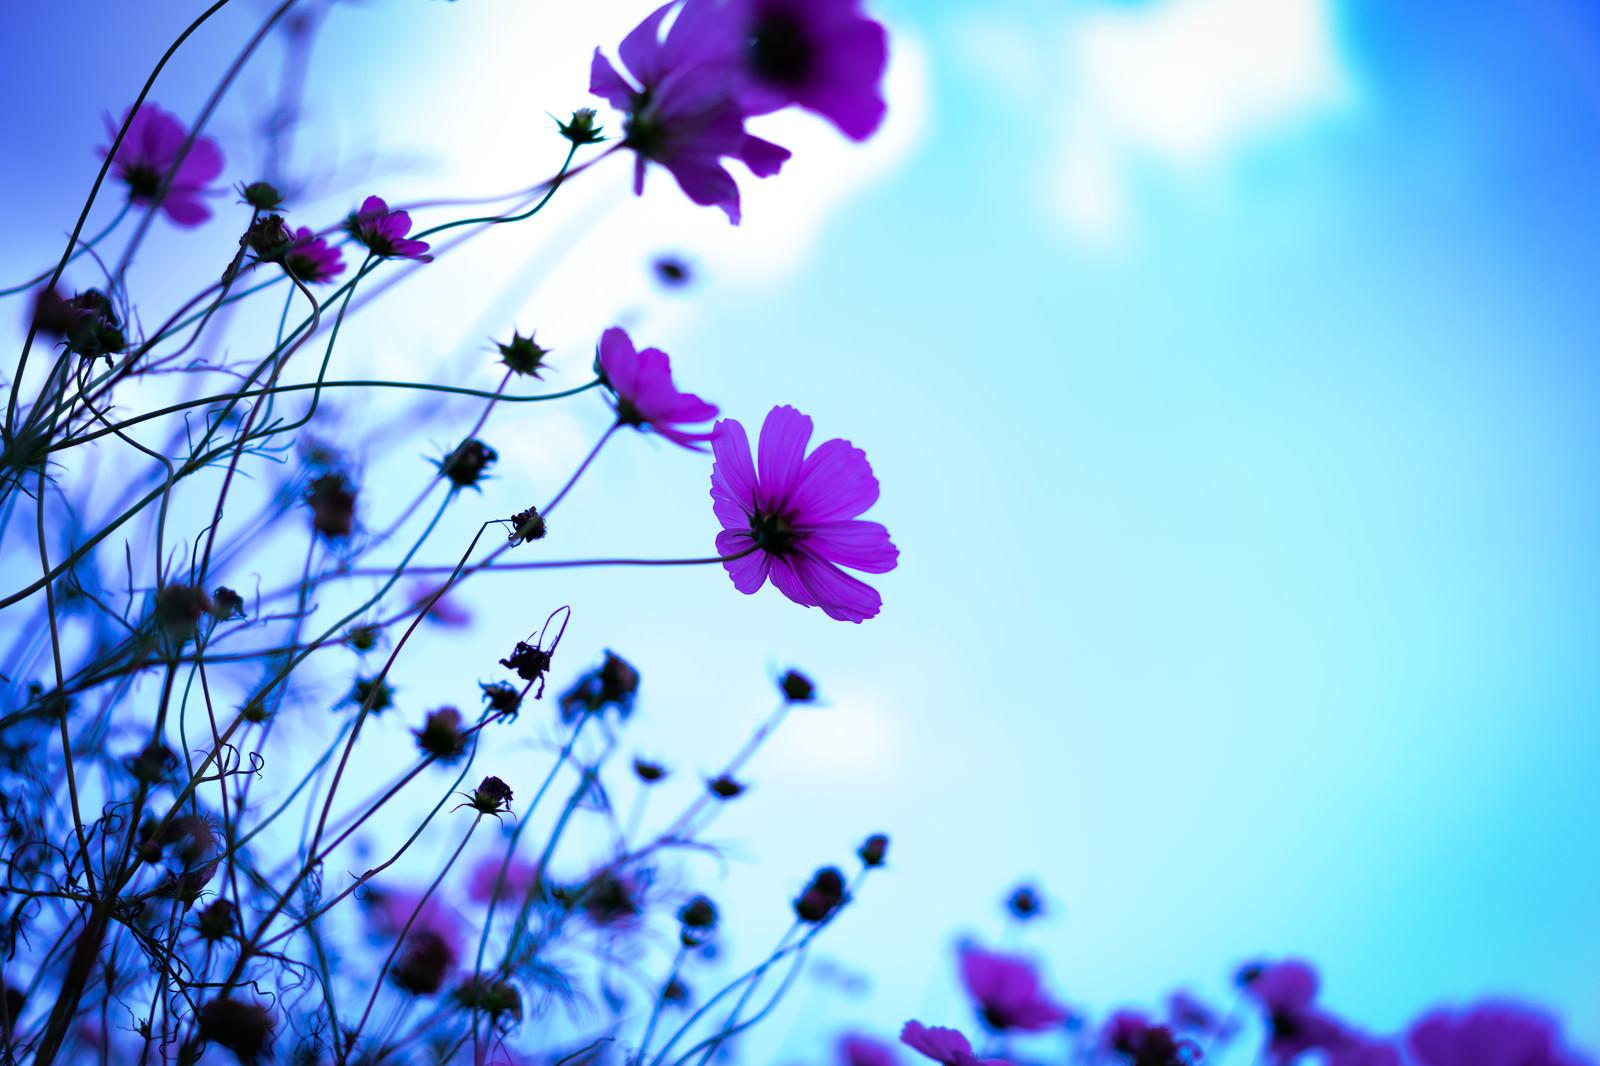 「青空に浮かぶコスモスの花」の写真